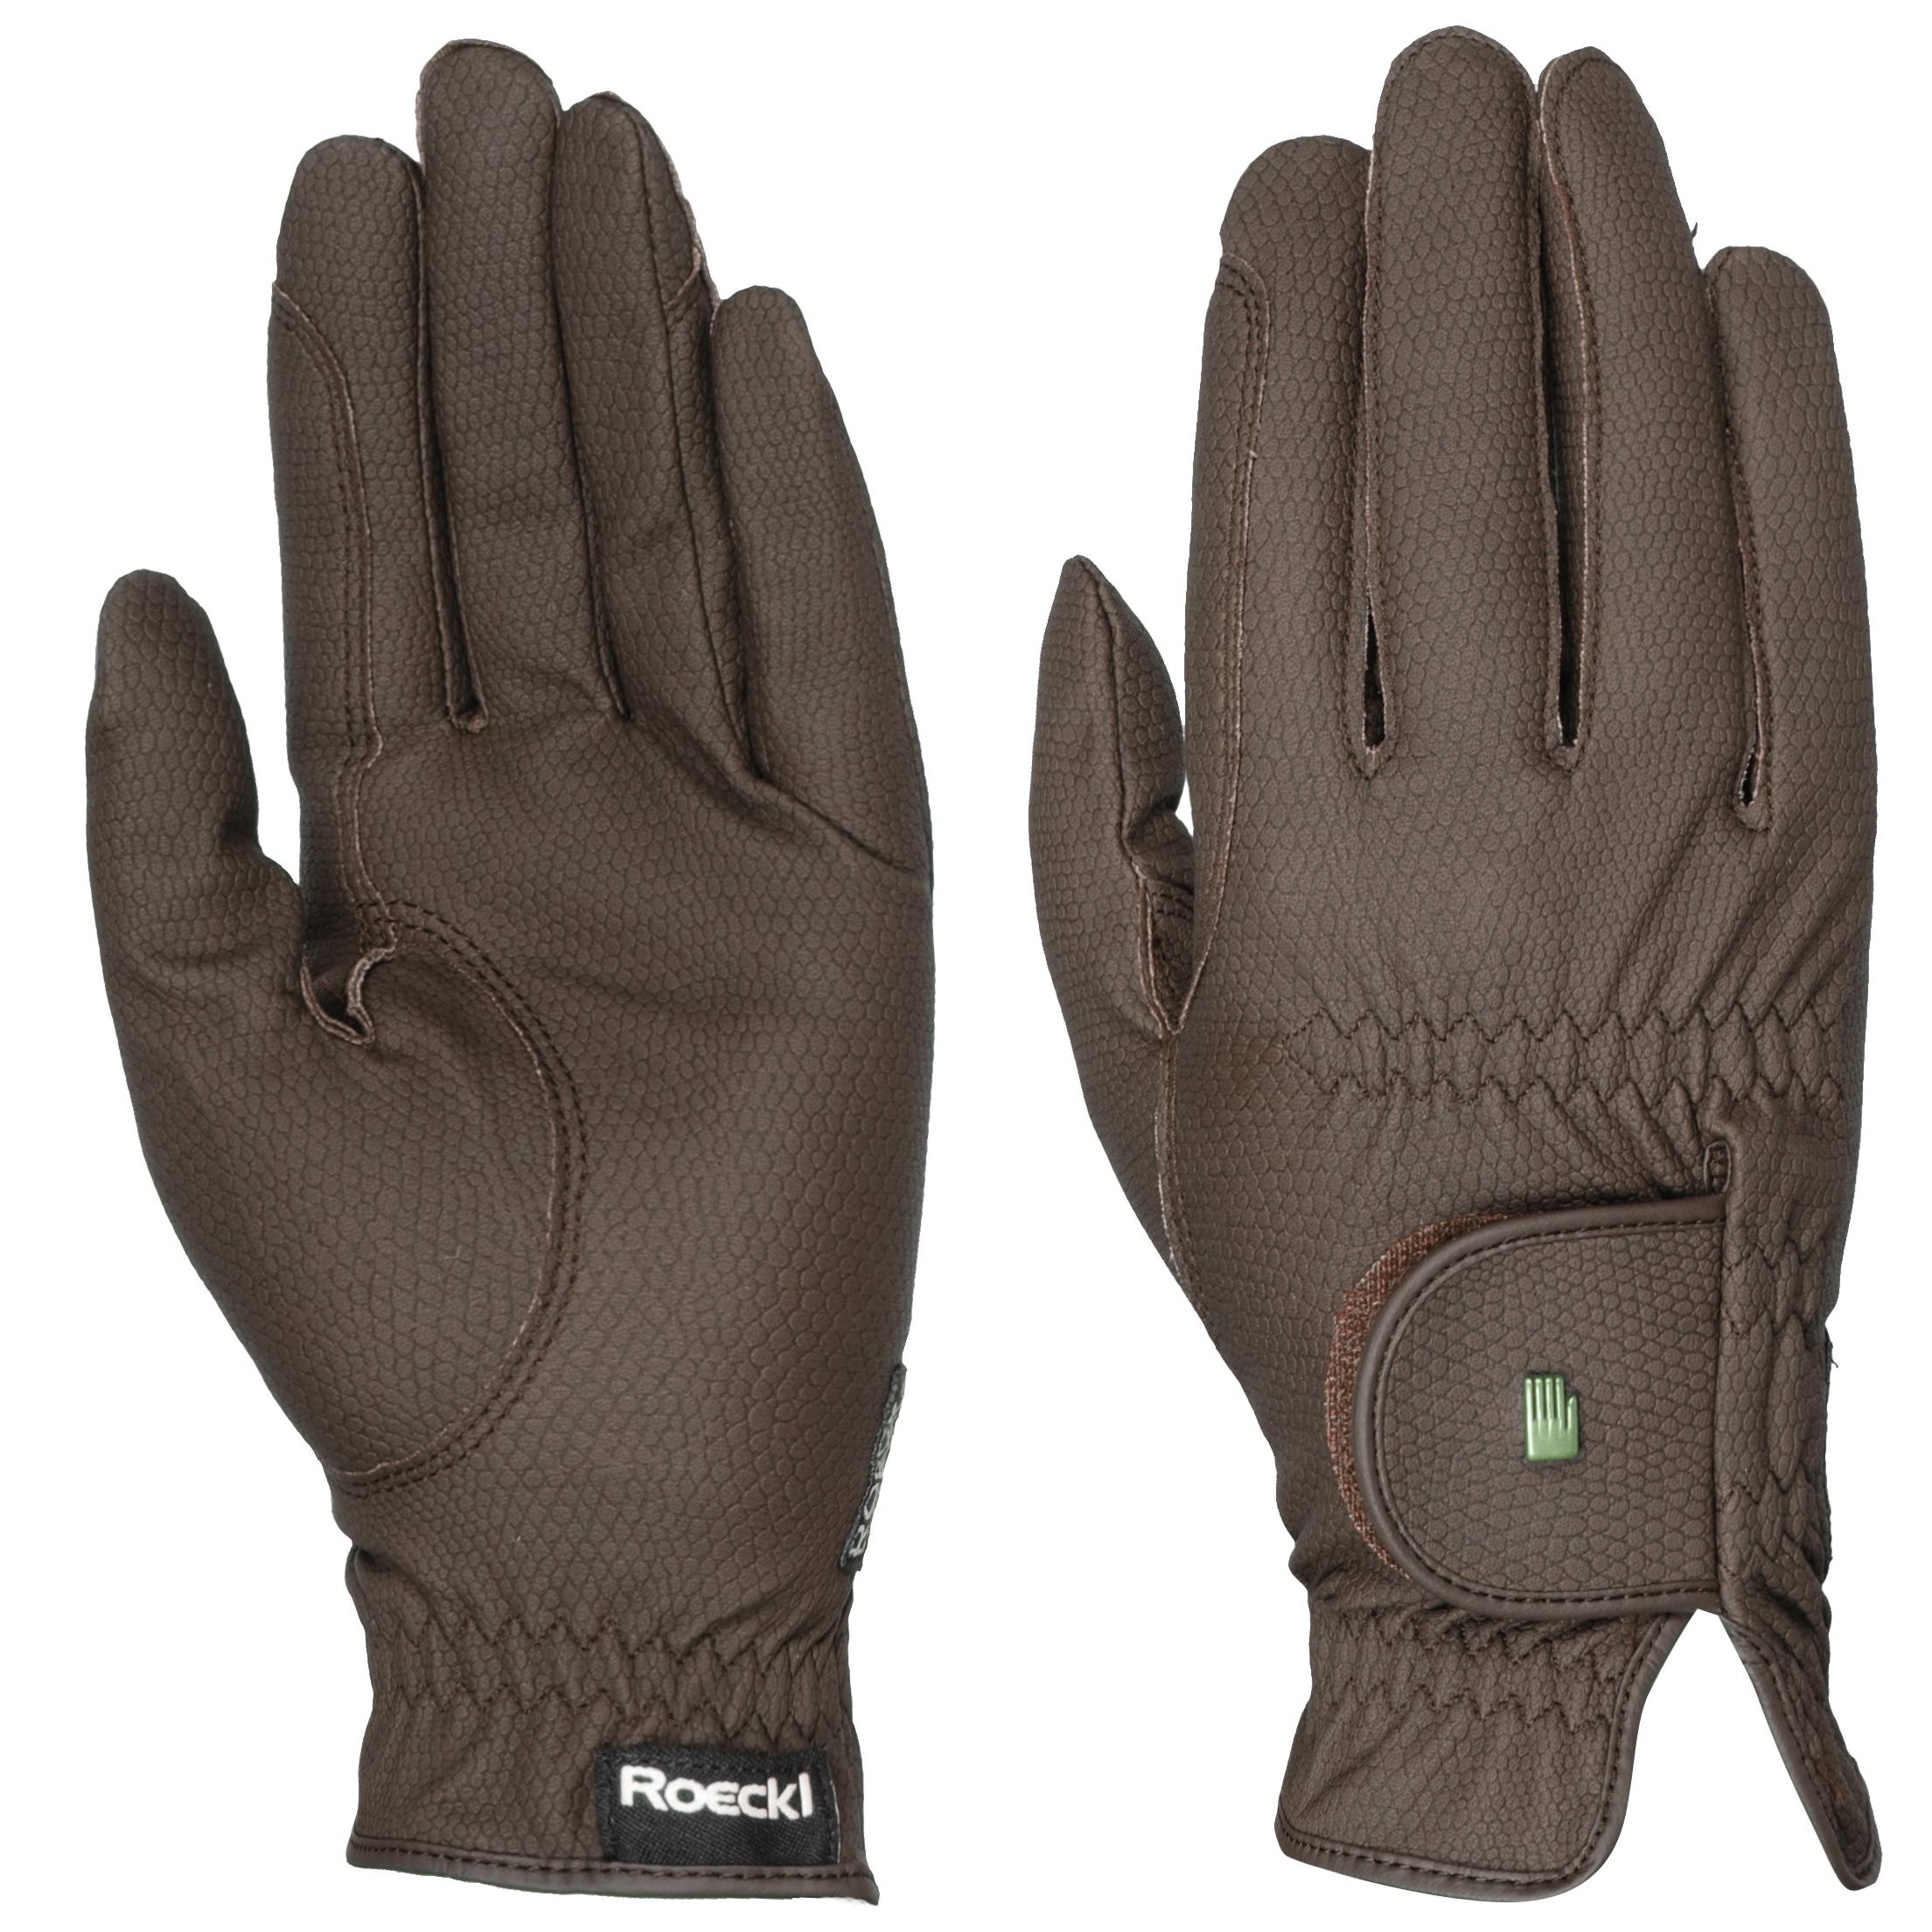 Roeckl Roeck grip Handschoen bruin maat:7